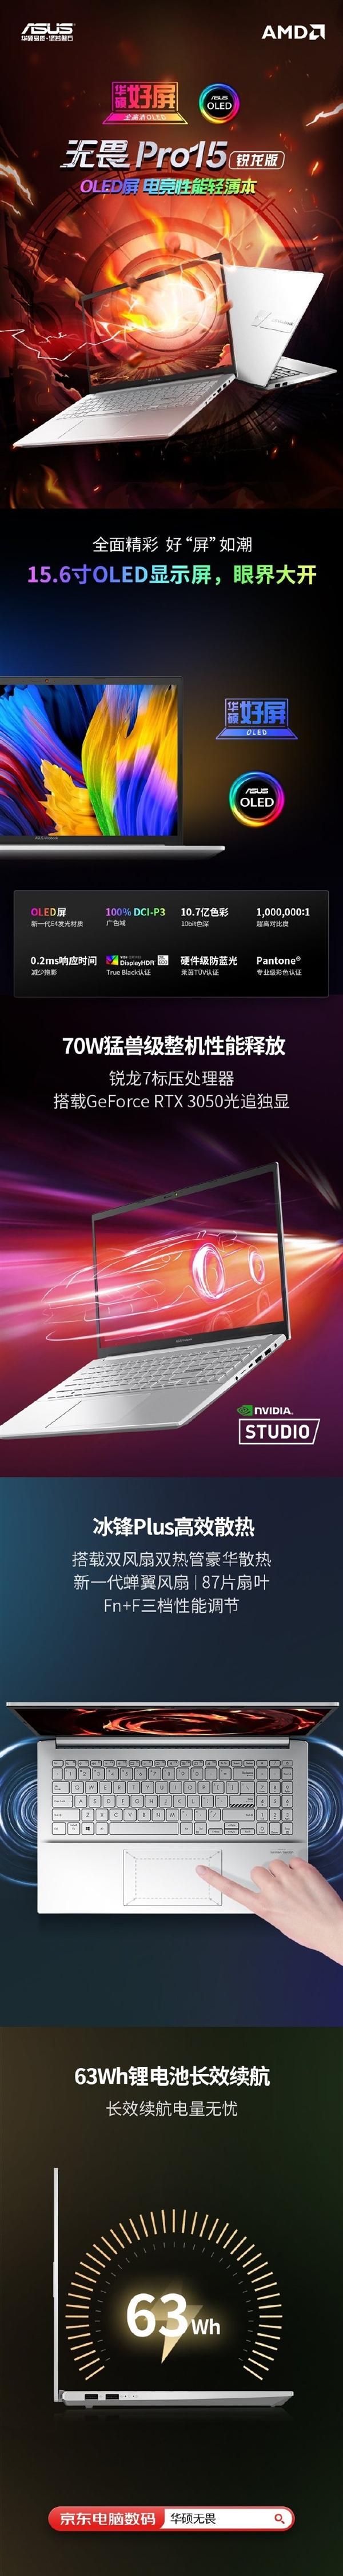 华硕无畏Pro15锐龙版发布:配10.7亿色OLED屏 RTX3050独显